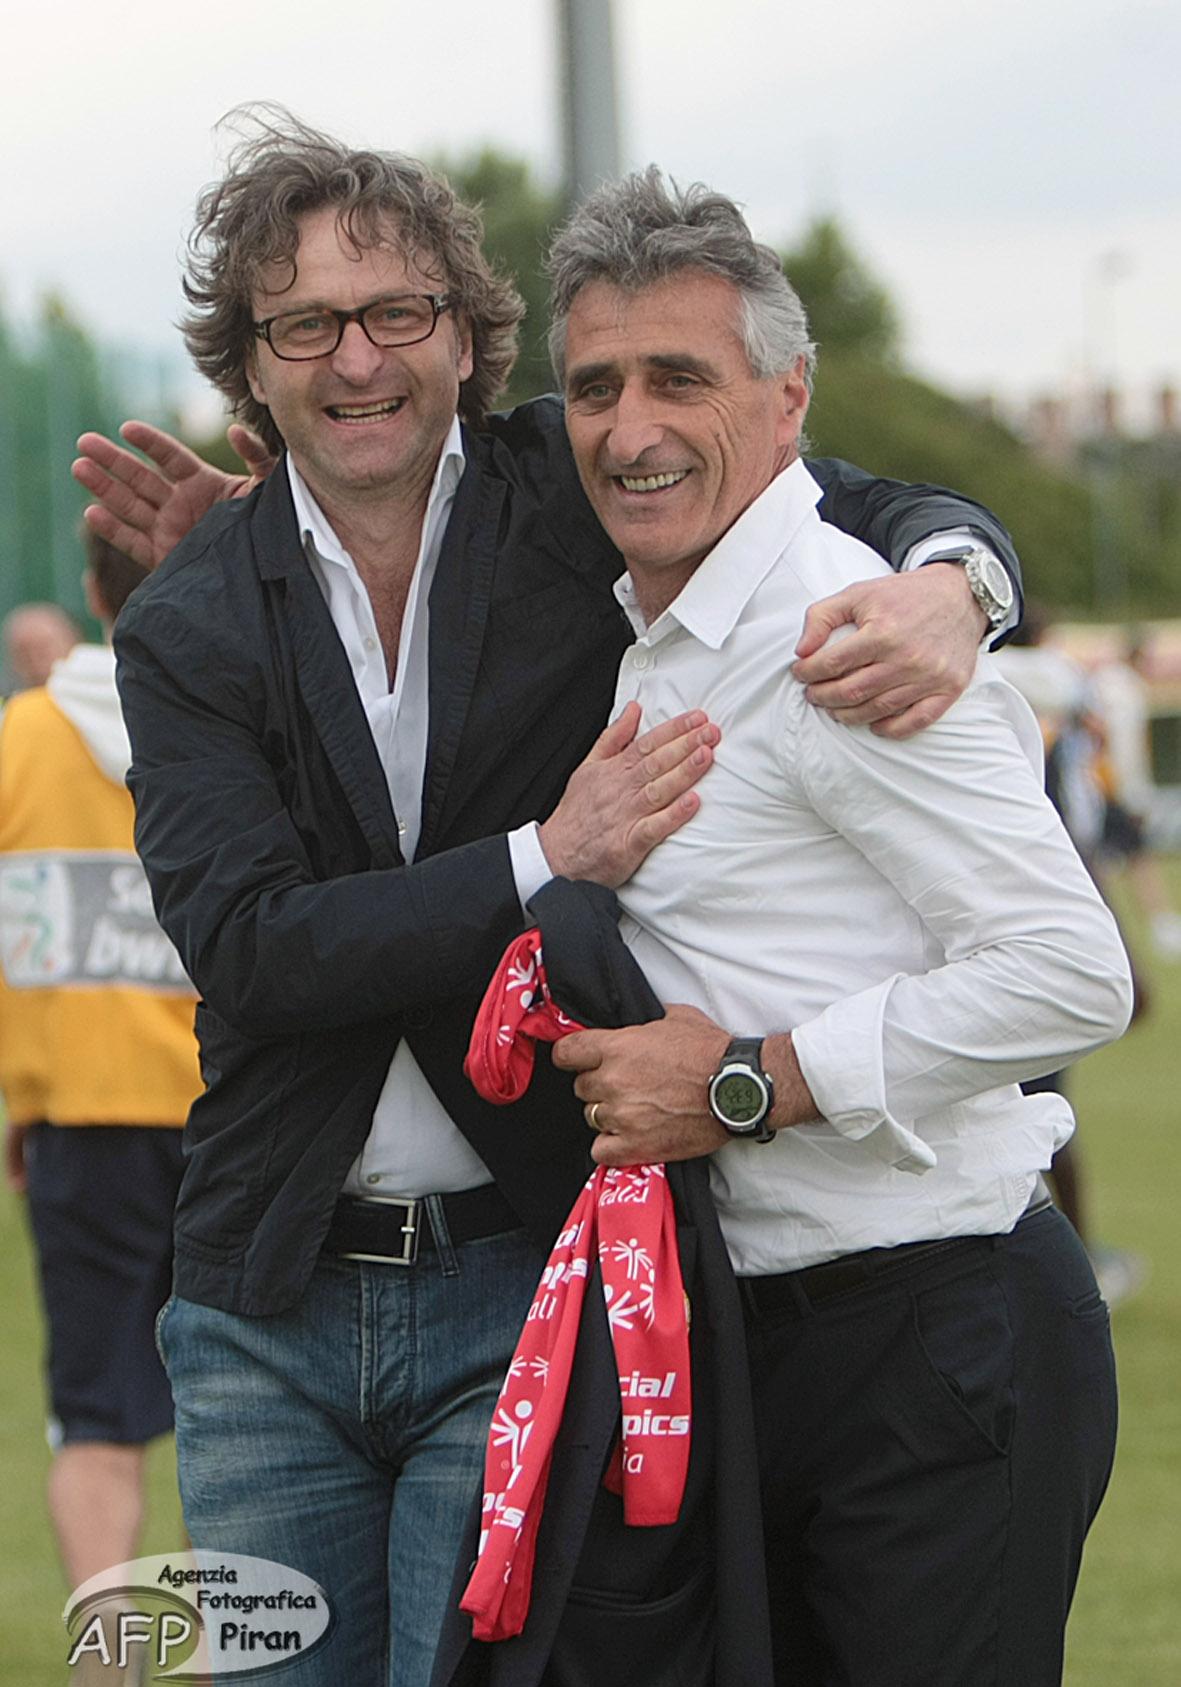 Claudio Foscarini abbracciato dal Direttore Generale Stafano Marchetti. Prosegue ancora una volta insieme la loro strada.